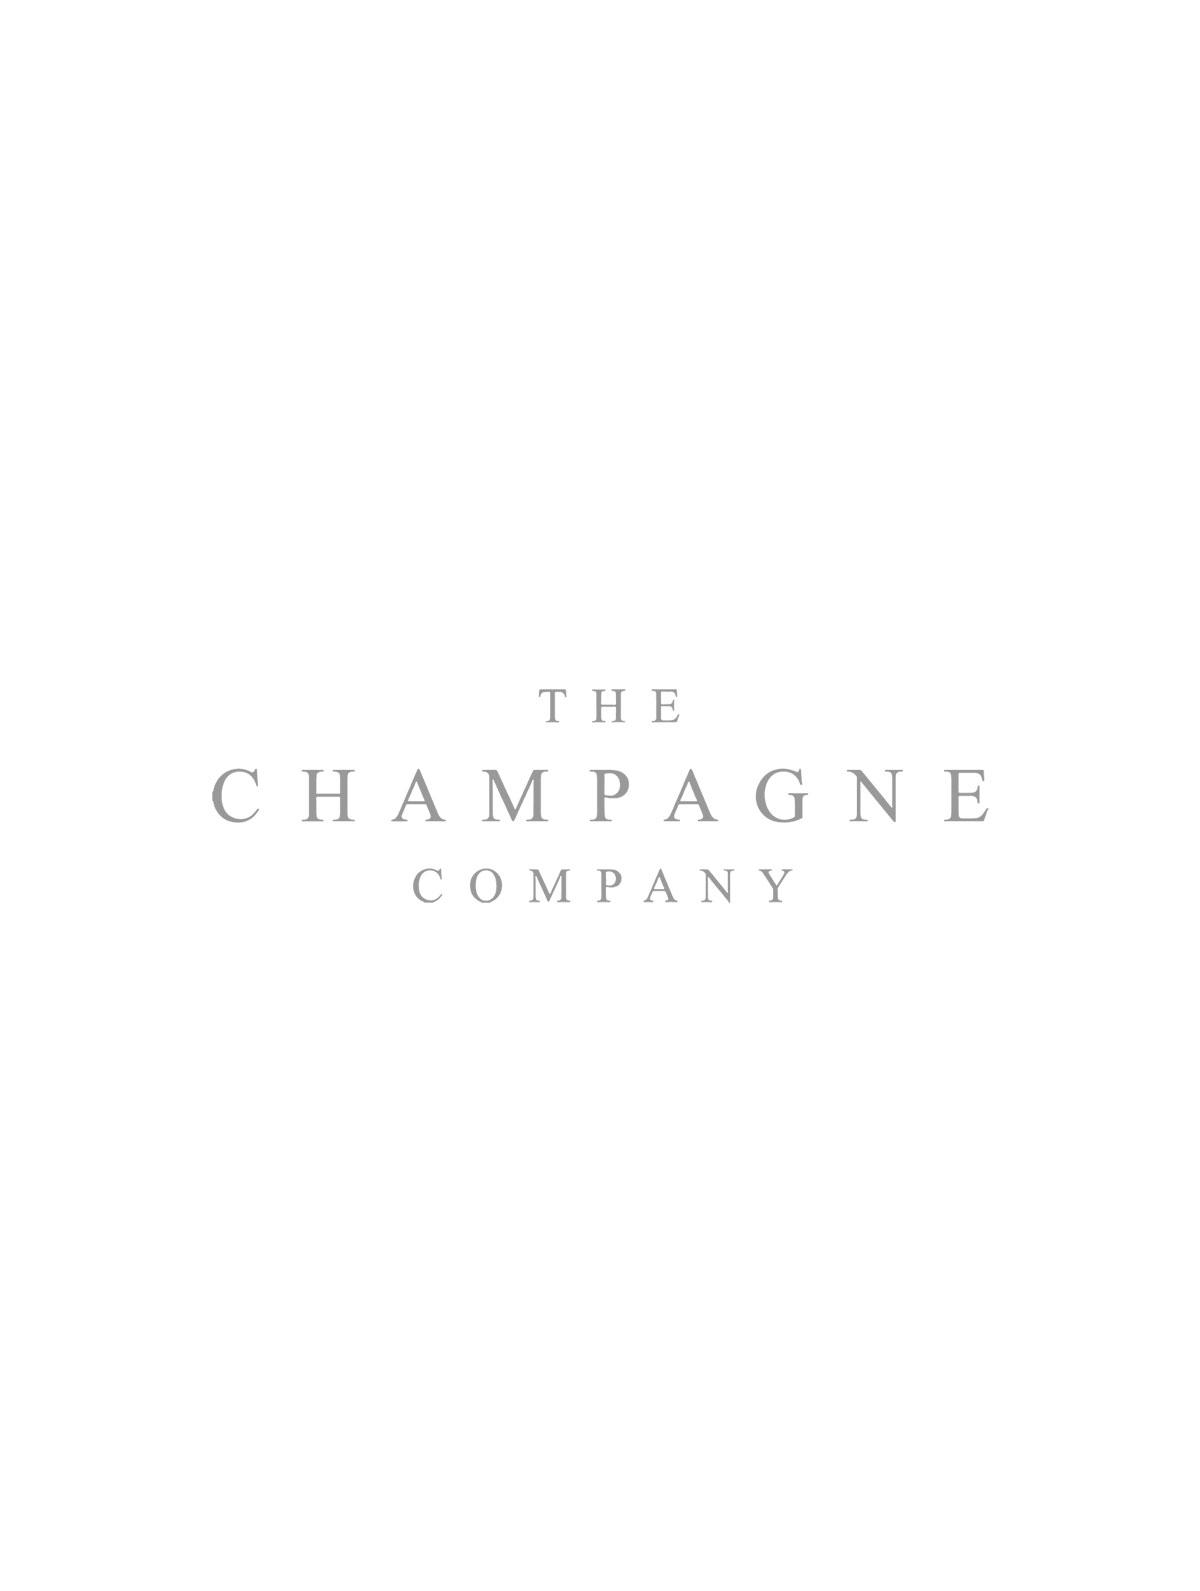 Scavi & Ray Prosecco Spumante Jeroboam Wooden Gift Box 300cl